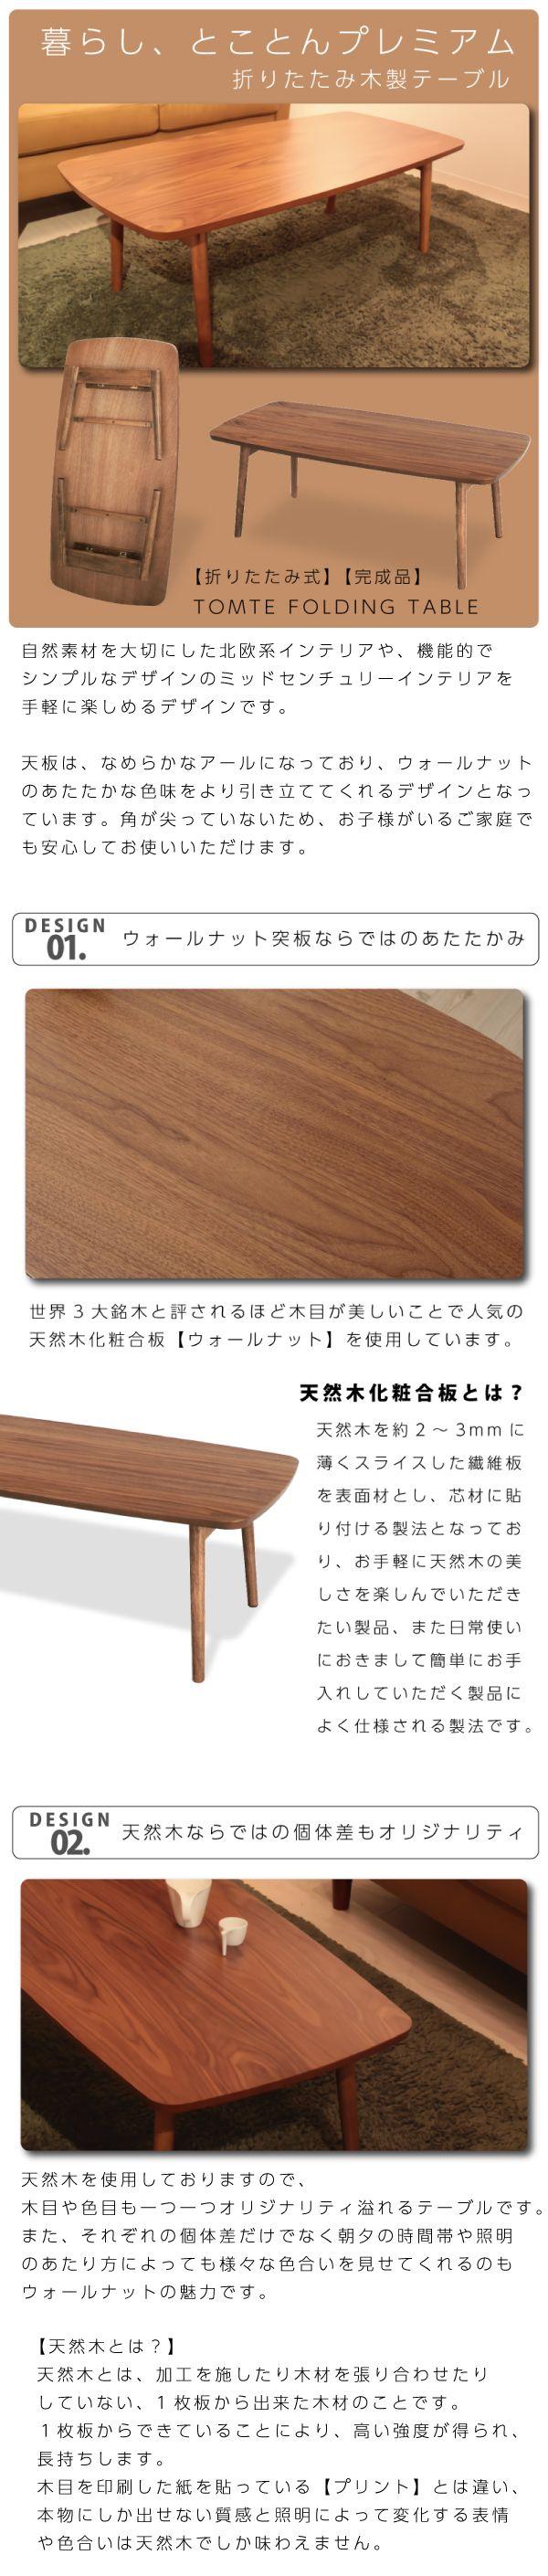 送料無料 折りたたみテーブル フォールディングテーブル 木製。テーブル 折りたたみテーブルフォールディングテーブル ローテーブル センターテーブルリビング 北欧 ウォールナットシンプル おしゃれ インテリア 木製 セール